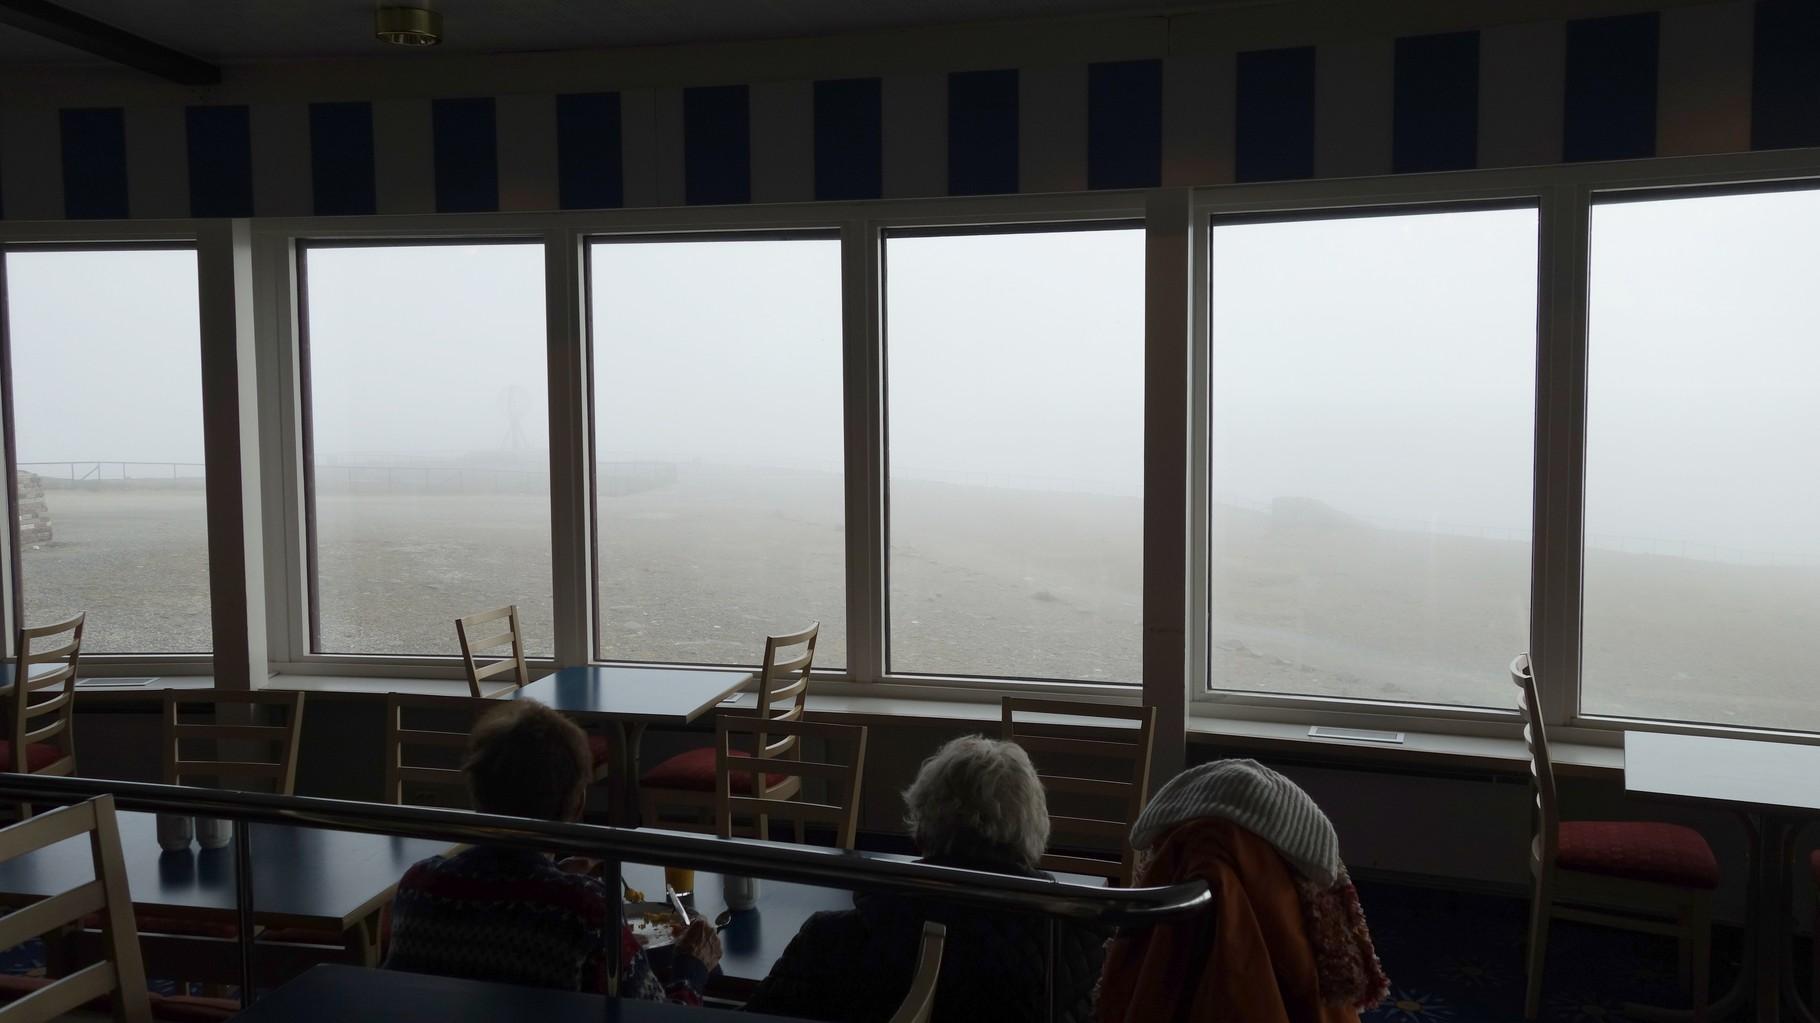 Frühstück am Nordkap, wie man sieht, sieht man nichts, na dann erst mal Mahlzeit